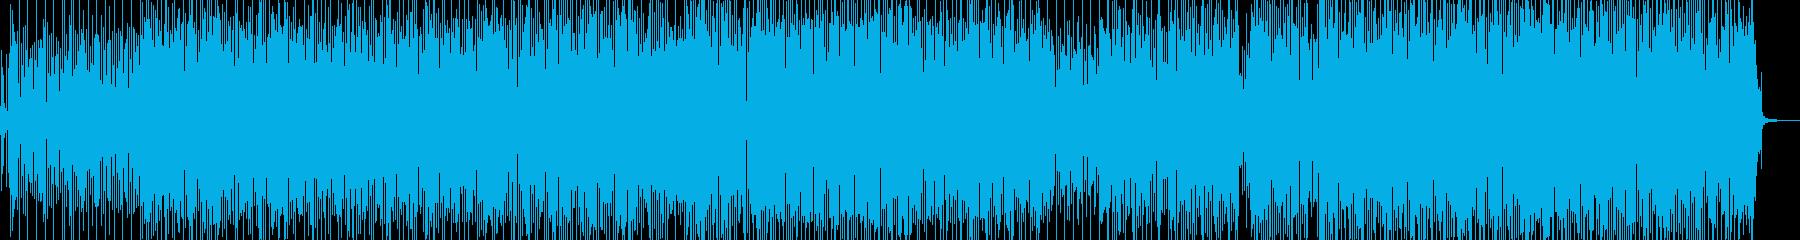 駆け足・楽しいカントリーポップス 長尺の再生済みの波形